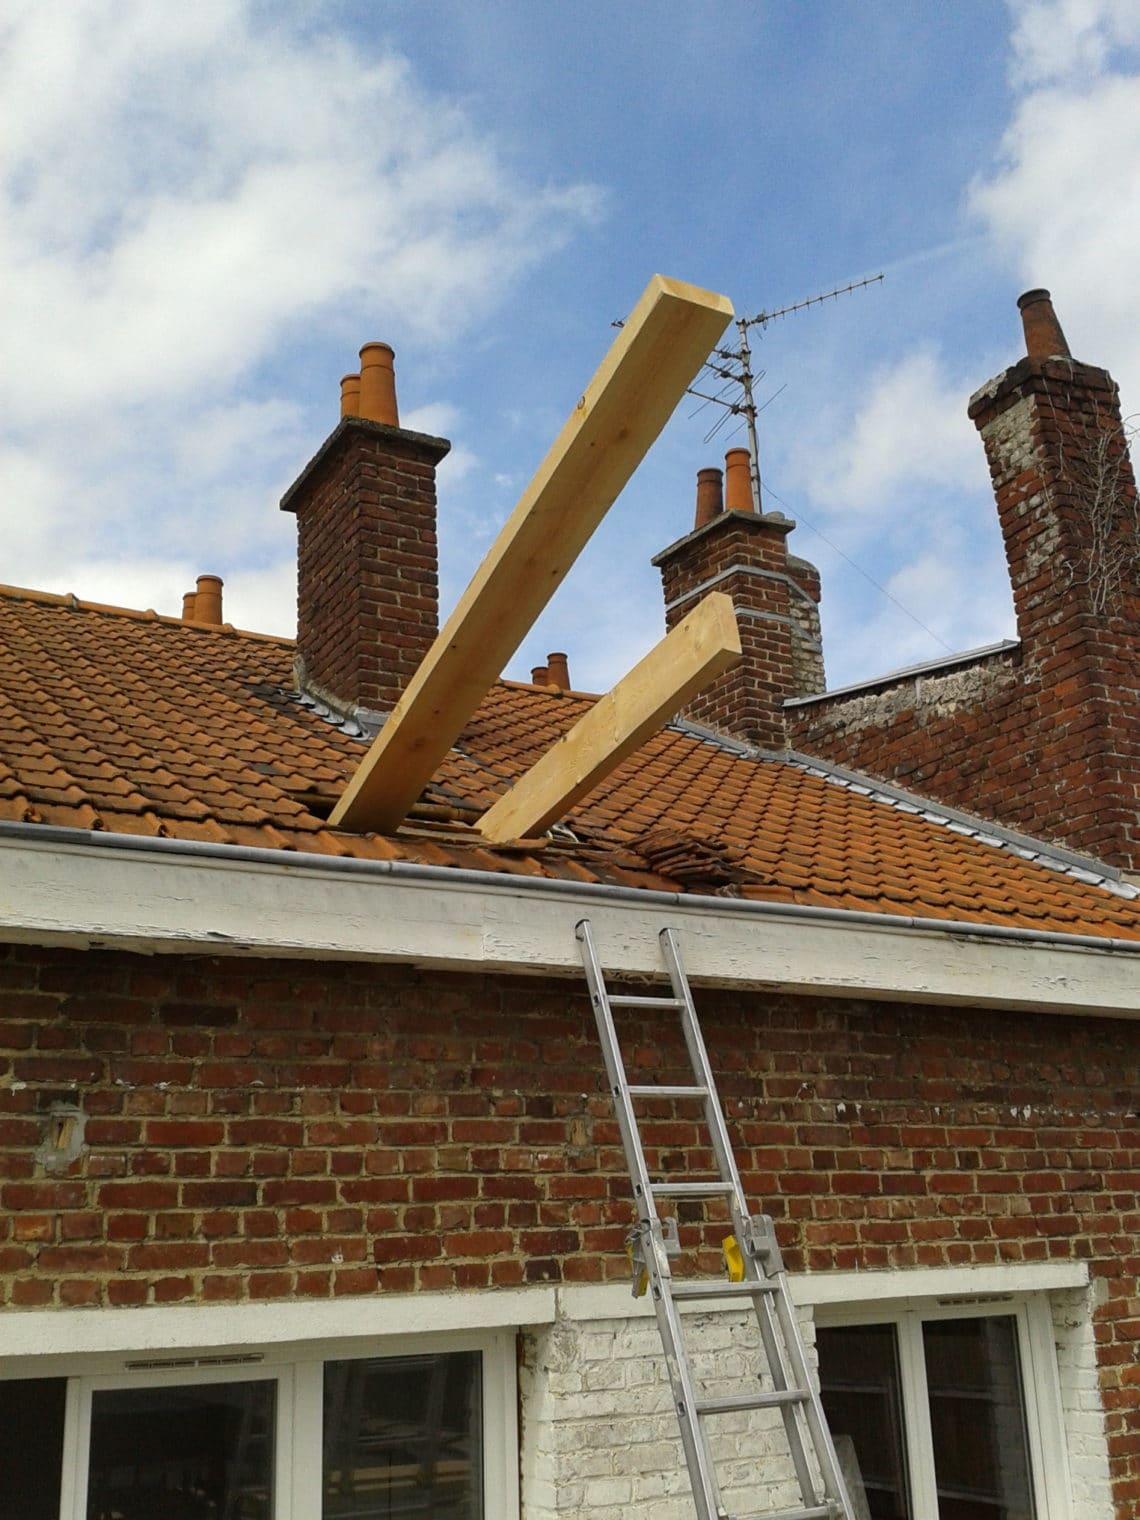 L'ouverture du toit permet de faire passer les poutres du futur plancher. Impressionnant !